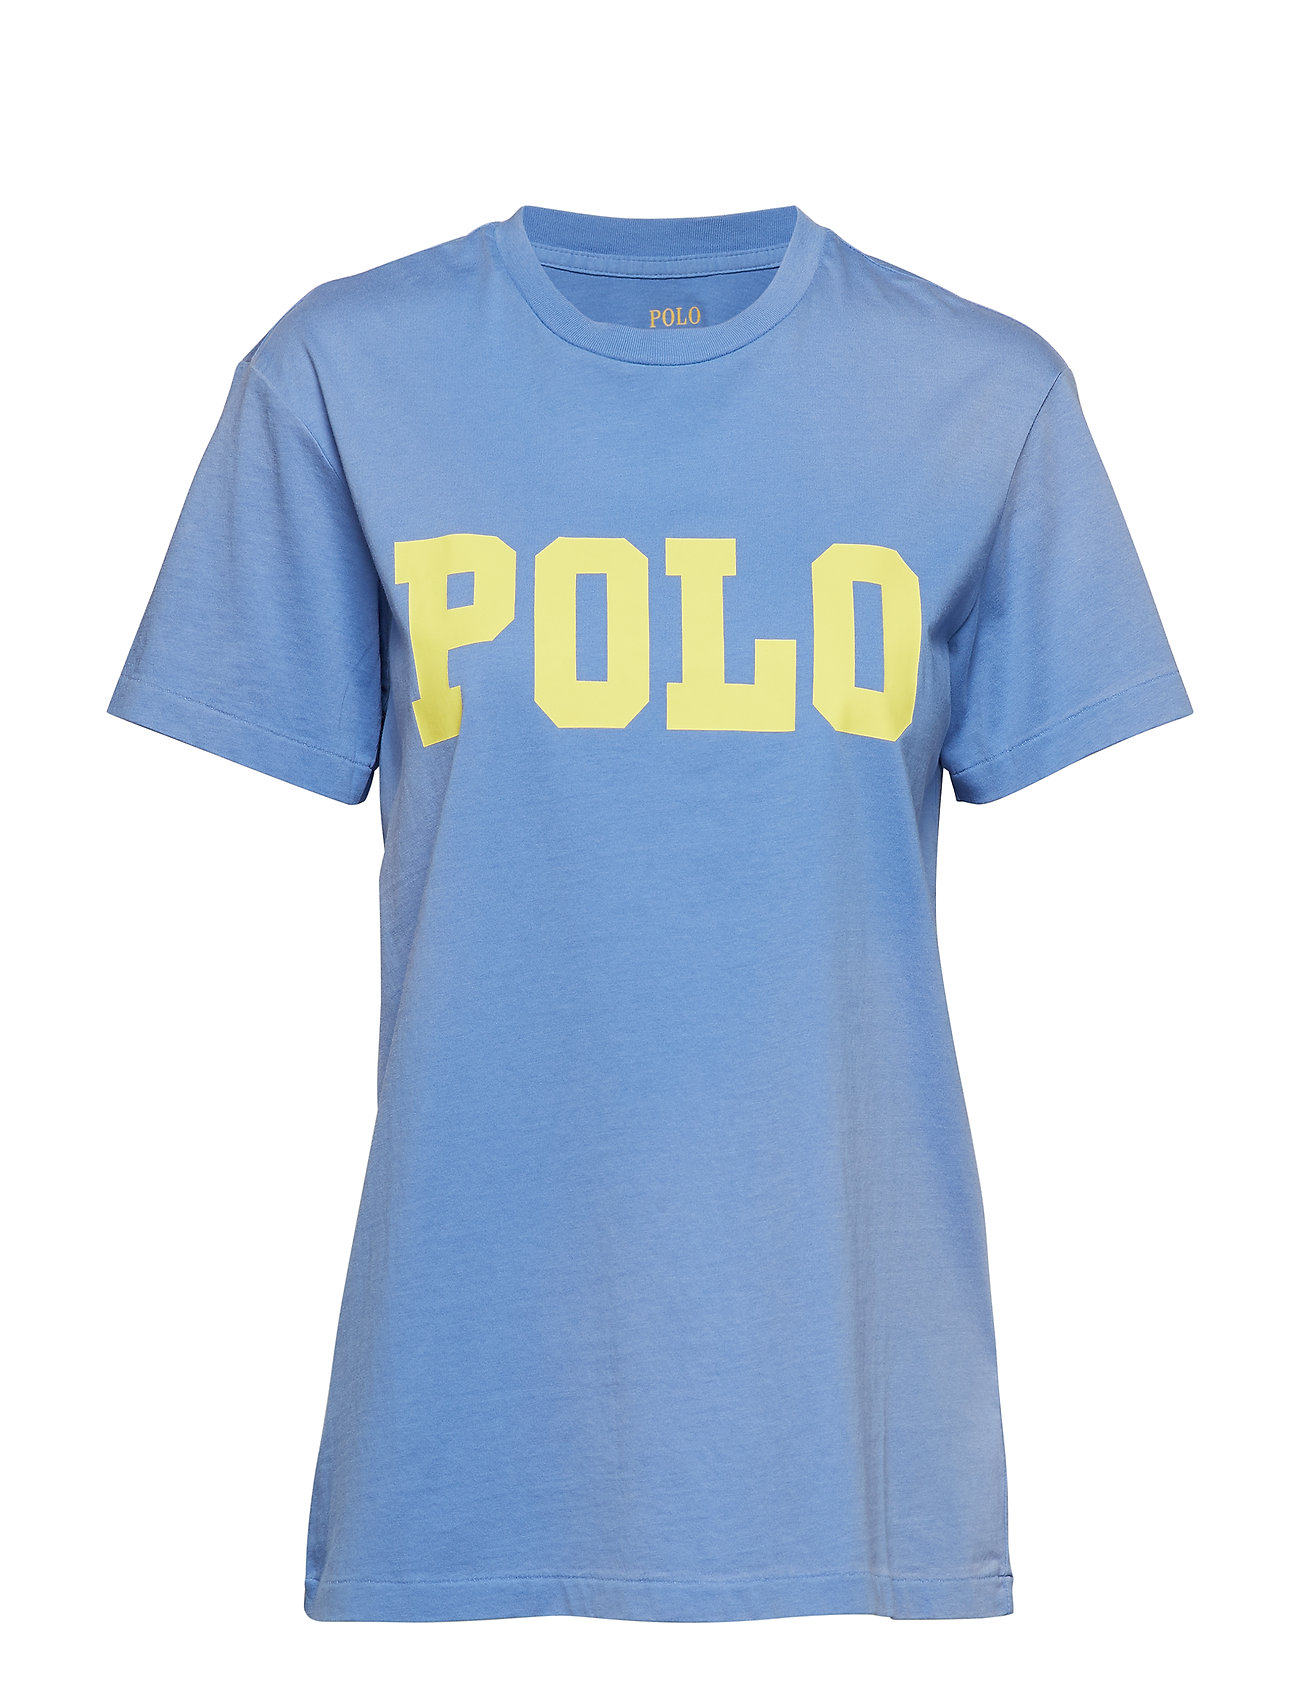 Polo Ralph Lauren 30/1 COTTON JRSY-SSL-KNT